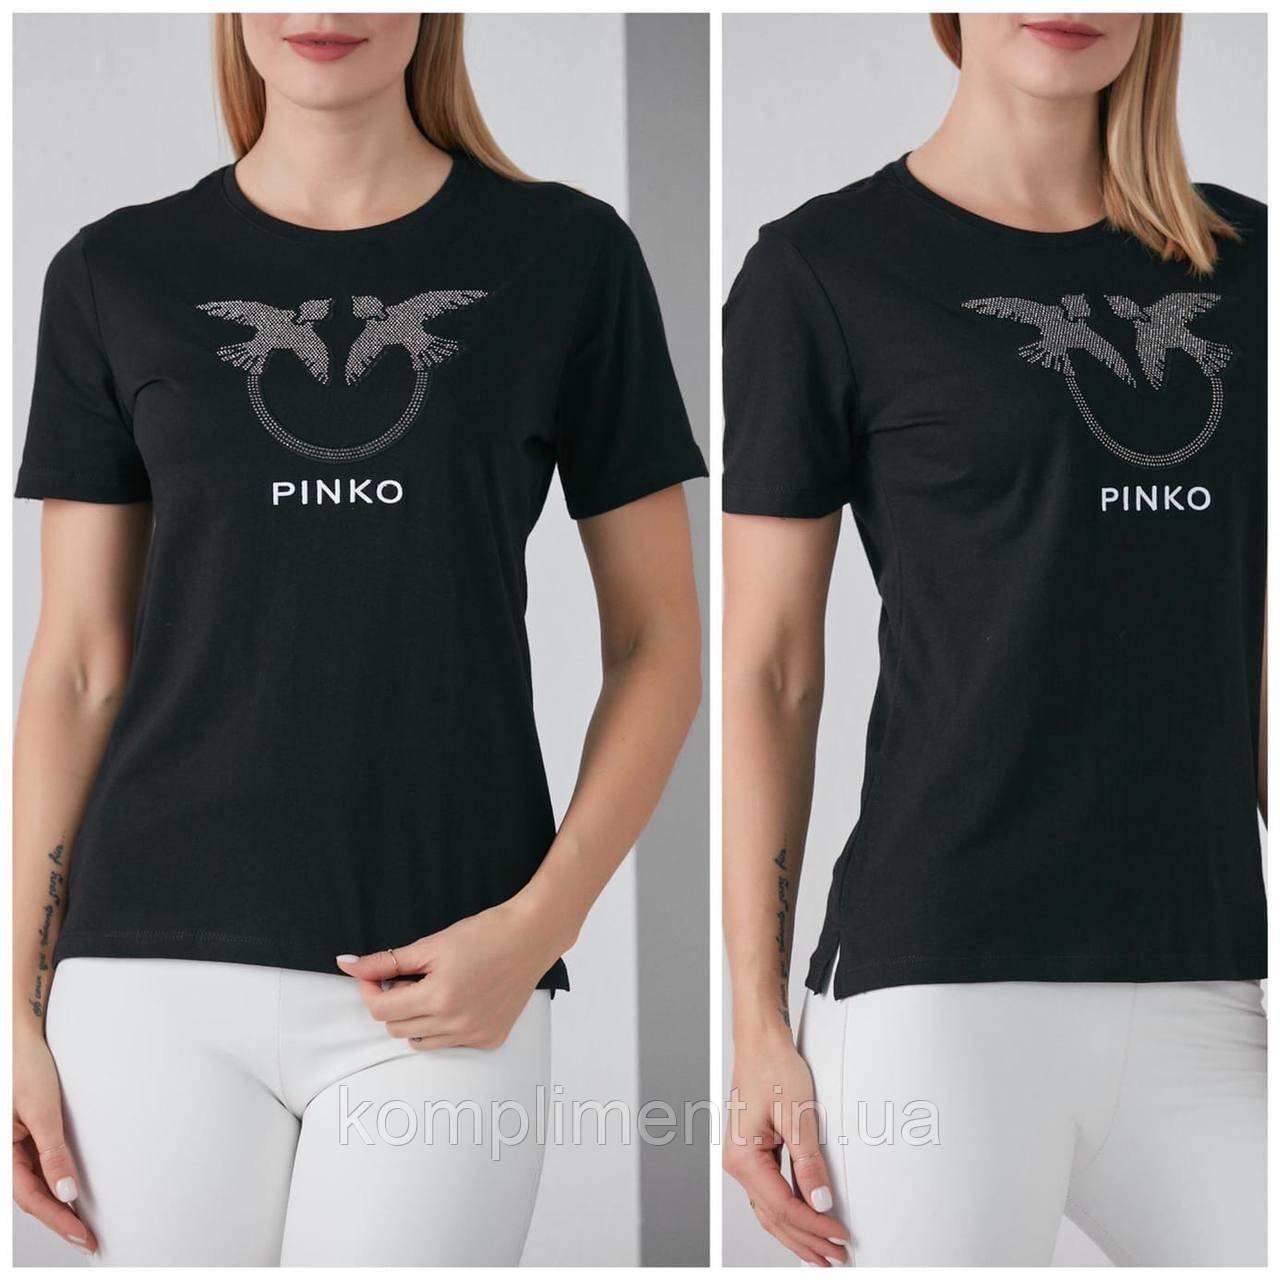 Турецкая трикотажная модная футболка с рисунком, черная FP 2051